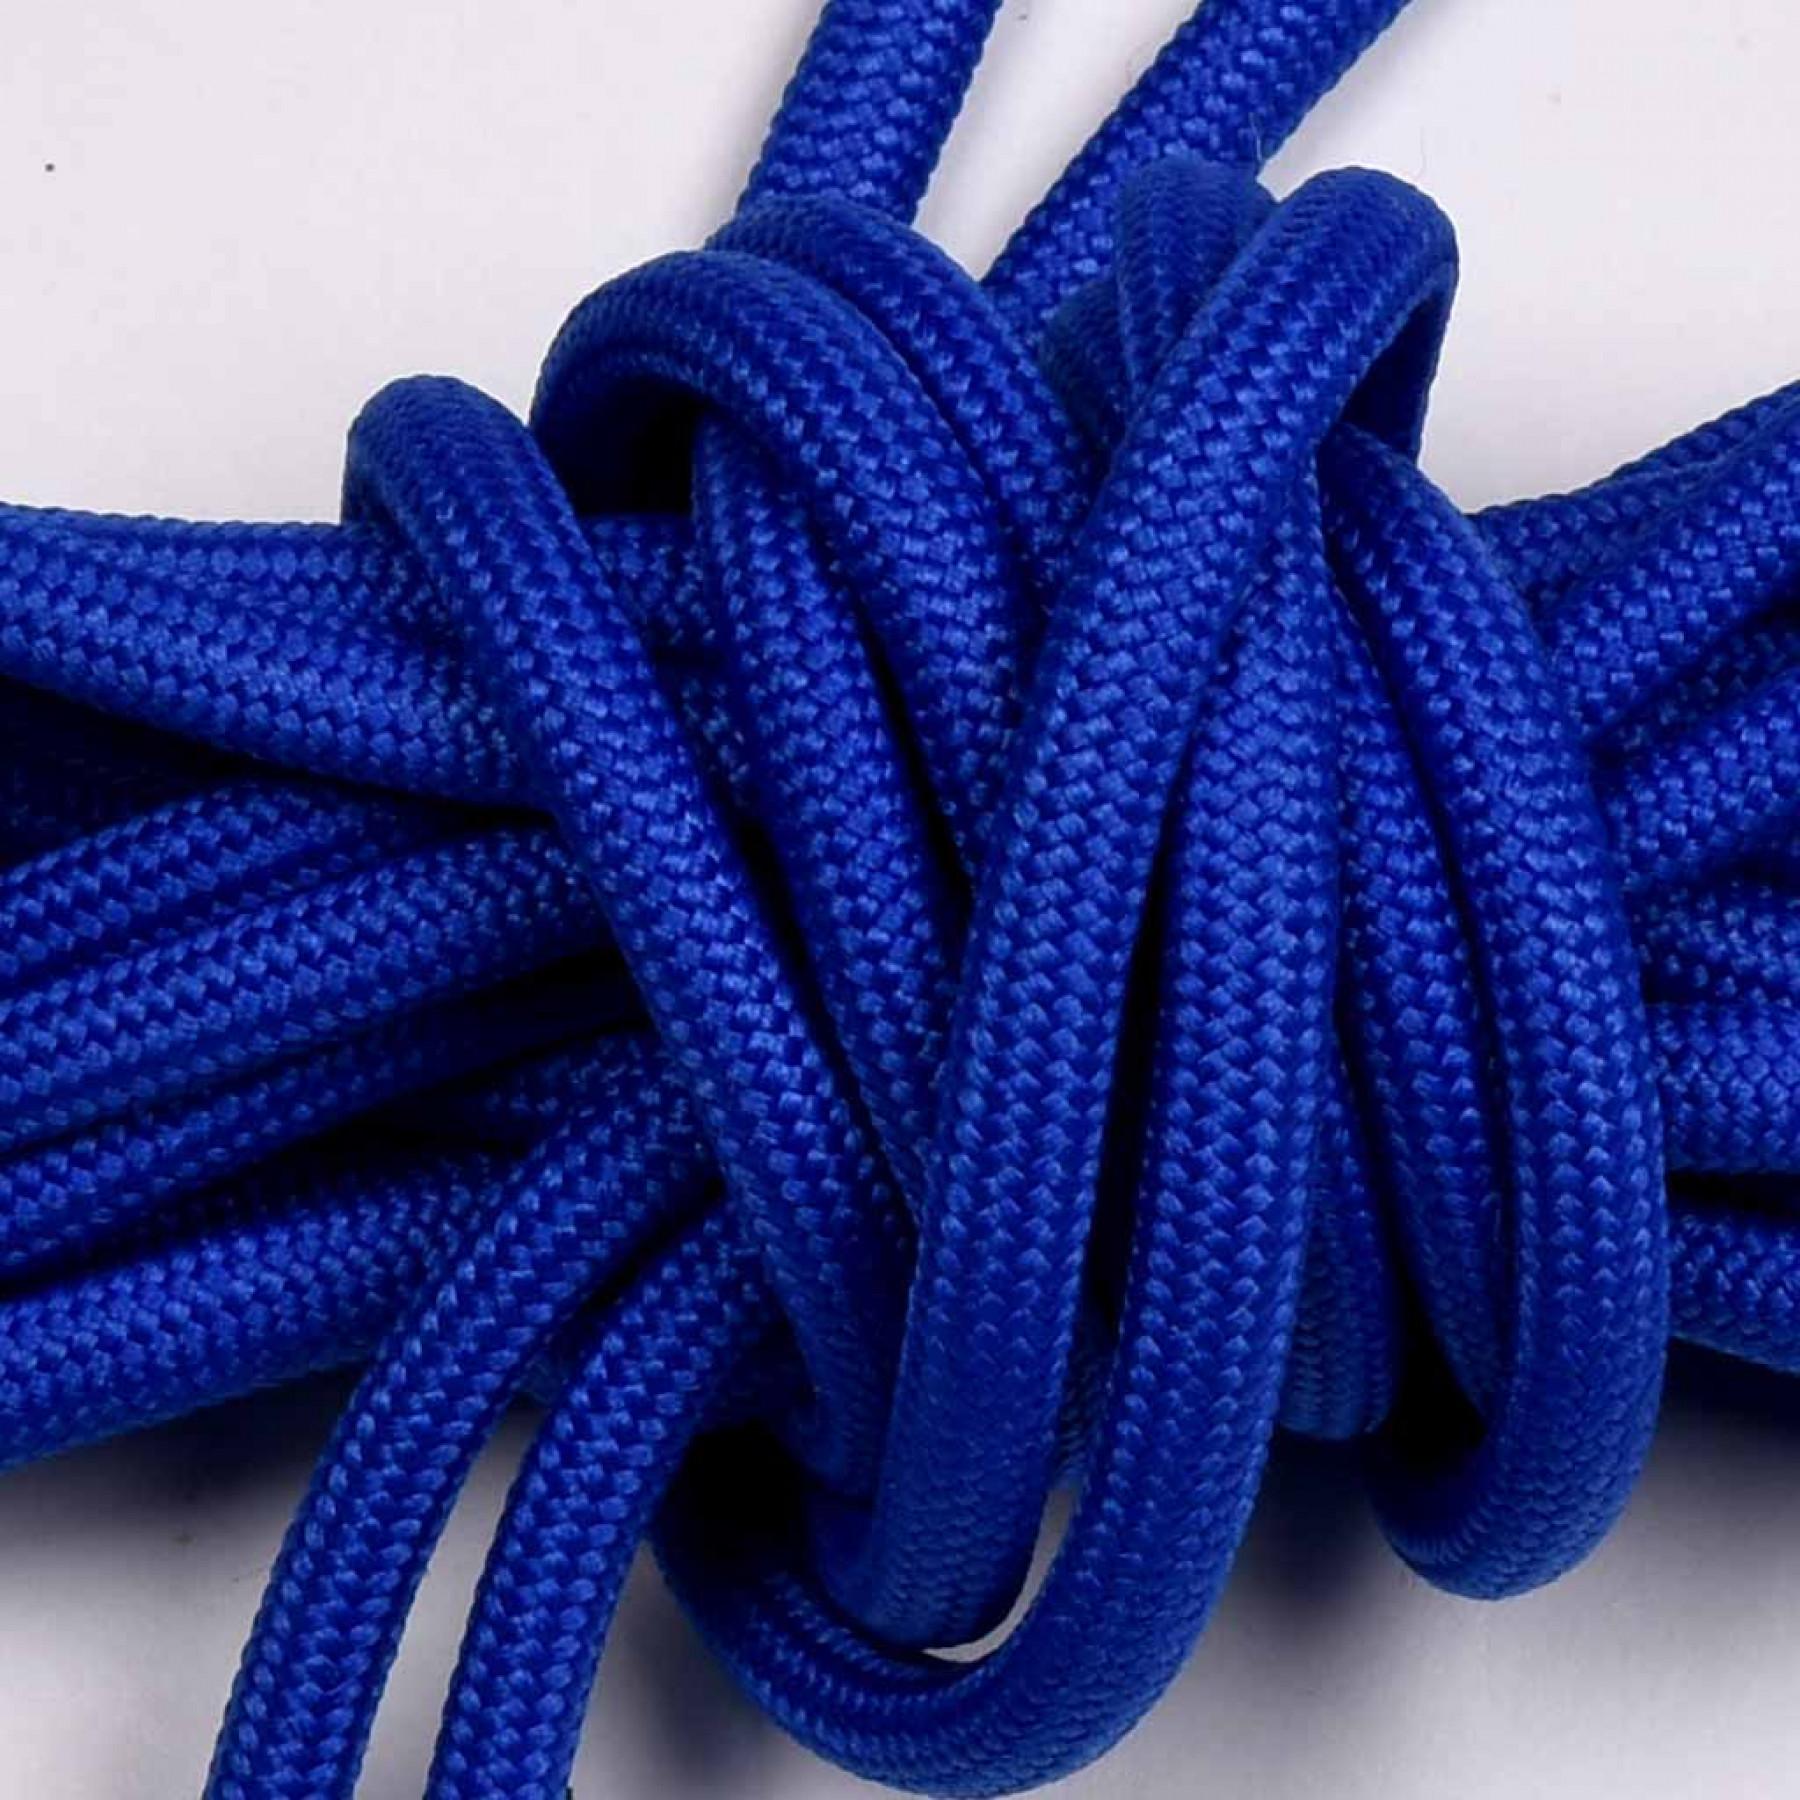 Veters voor Biker Boot SE, 230cm lang, blauw